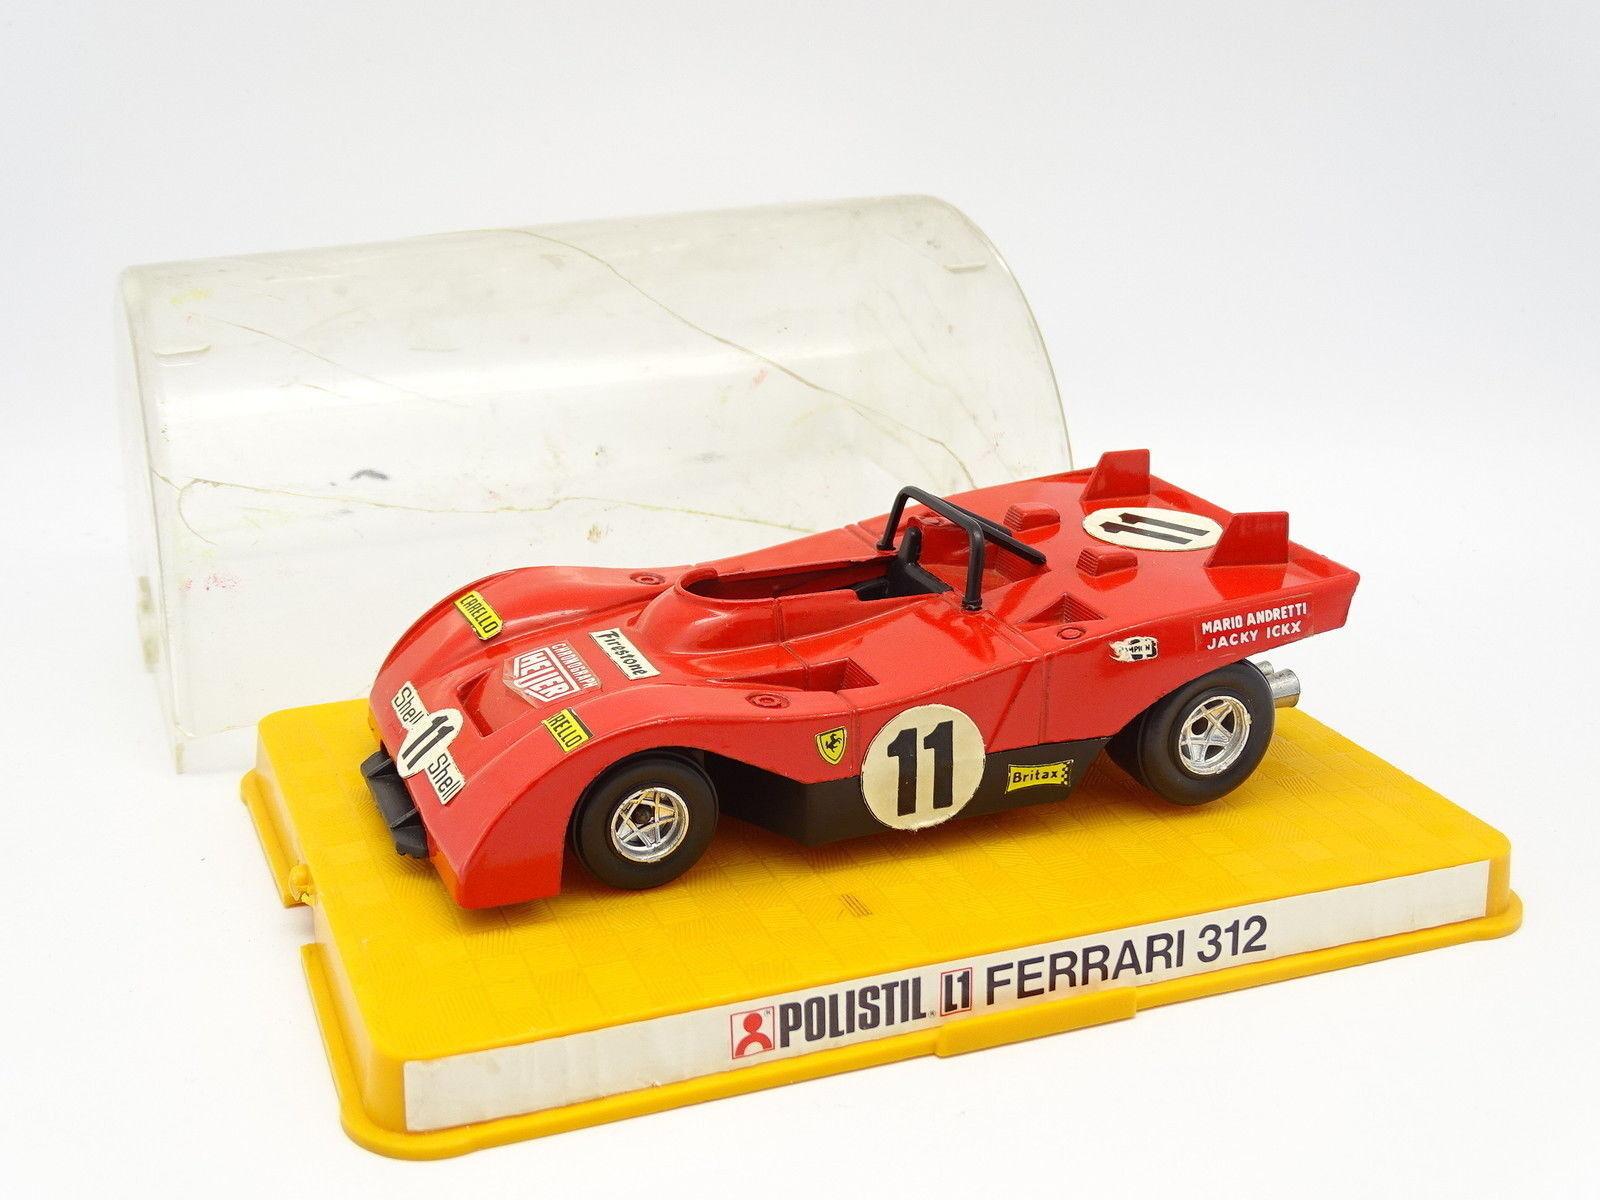 Polistil 1 32 - Ferrari 312 PB Andretti Ickx